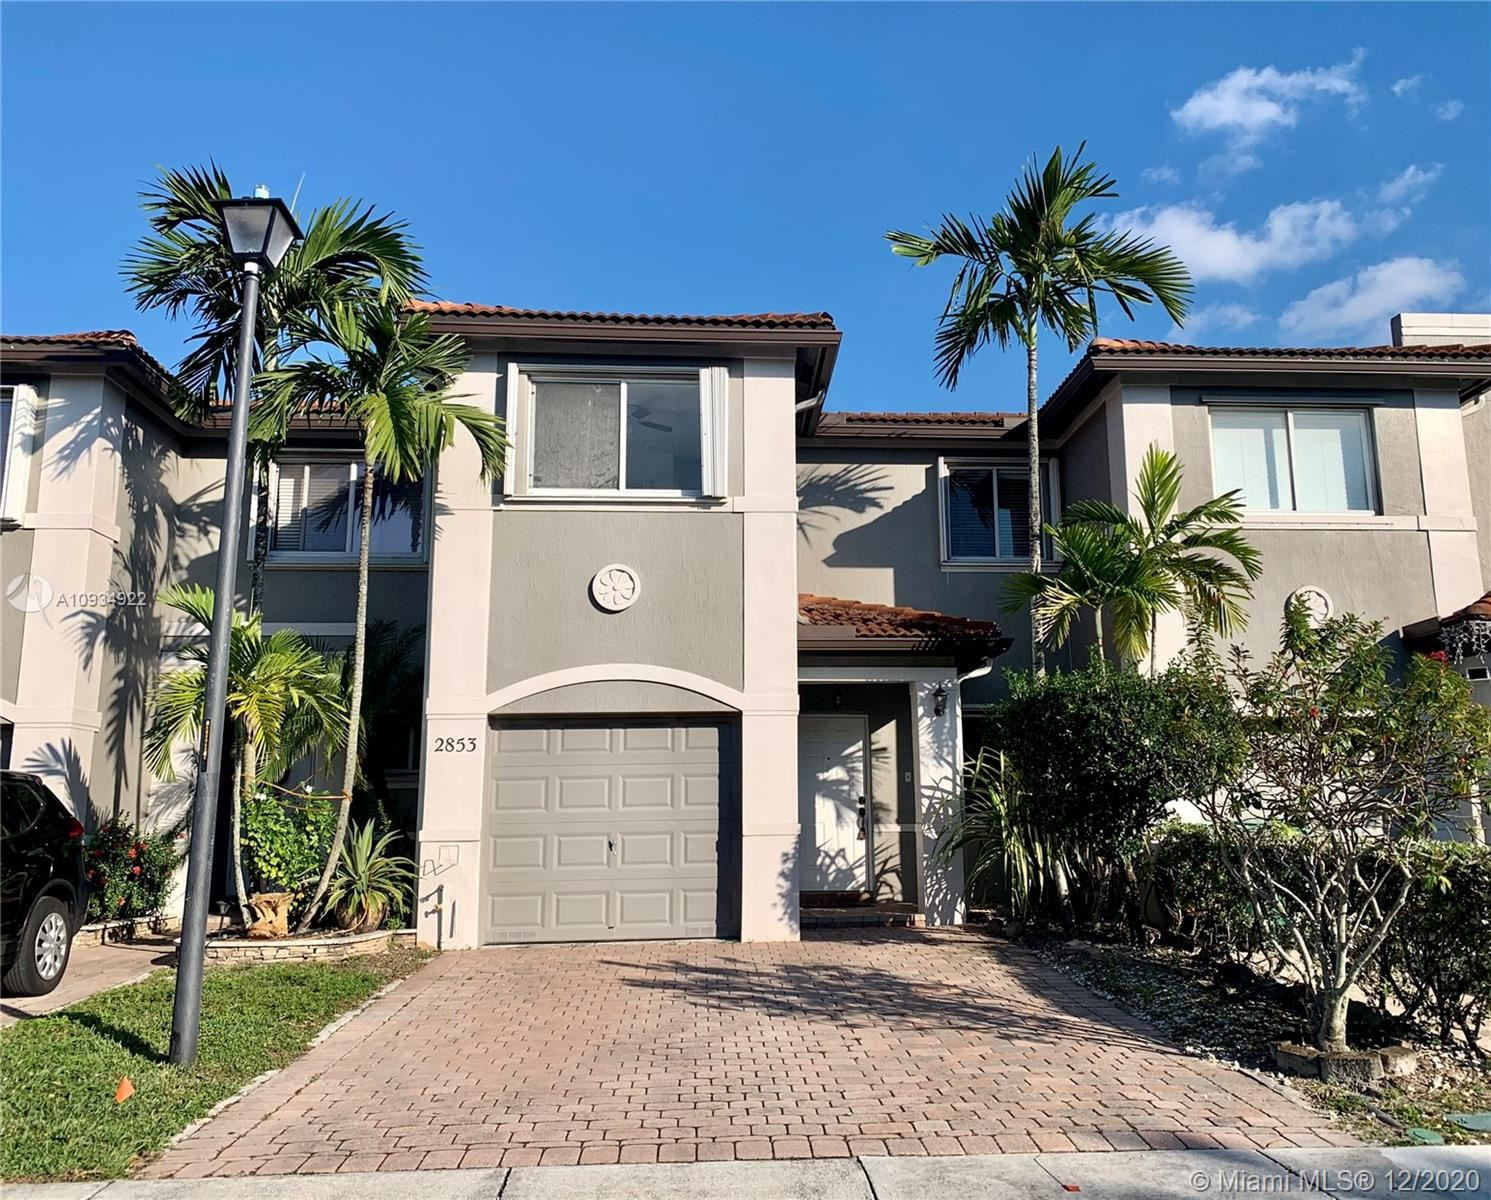 2853 SW 129th Ave, Miramar, FL 33027 - #: A10934922